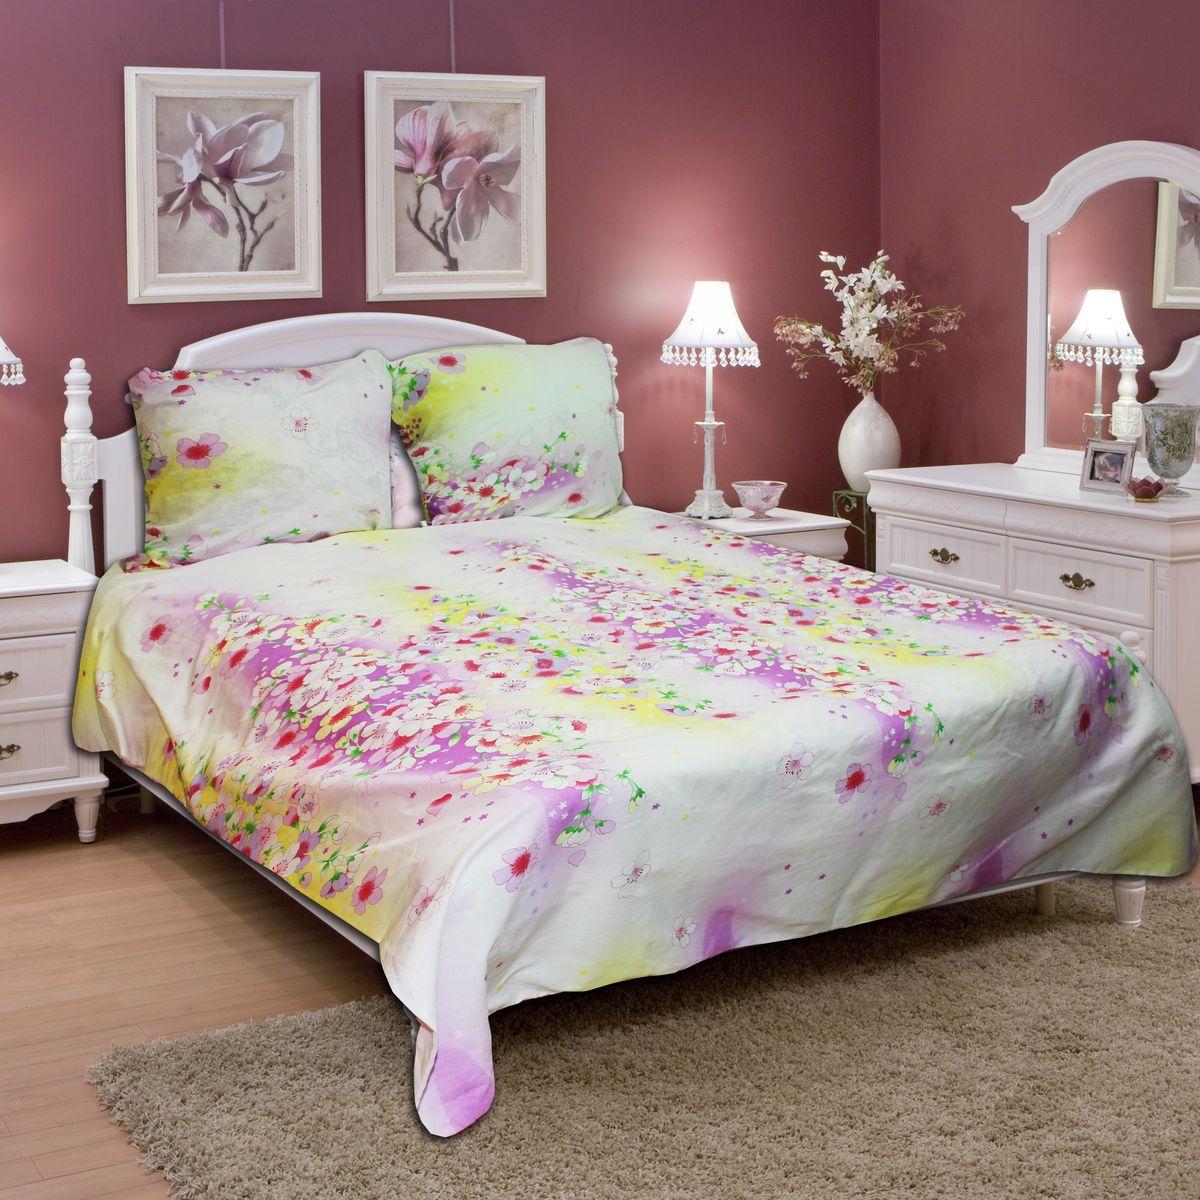 Комплект белья Amore Mio Soft, евро, наволочки 70х70391602Комплект постельного белья Amore Mio является экологически безопасным для всей семьи, так как выполнен из бязи (100% хлопок). Комплект состоит из пододеяльника, простыни и двух наволочек. Постельное белье оформлено оригинальным рисунком и имеет изысканный внешний вид.Легкая, плотная, мягкая ткань отлично стирается, гладится, быстро сохнет. Рекомендации по уходу: Химчистка и отбеливание запрещены.Рекомендуется стирка в прохладной воде при температуре не выше 30°С.